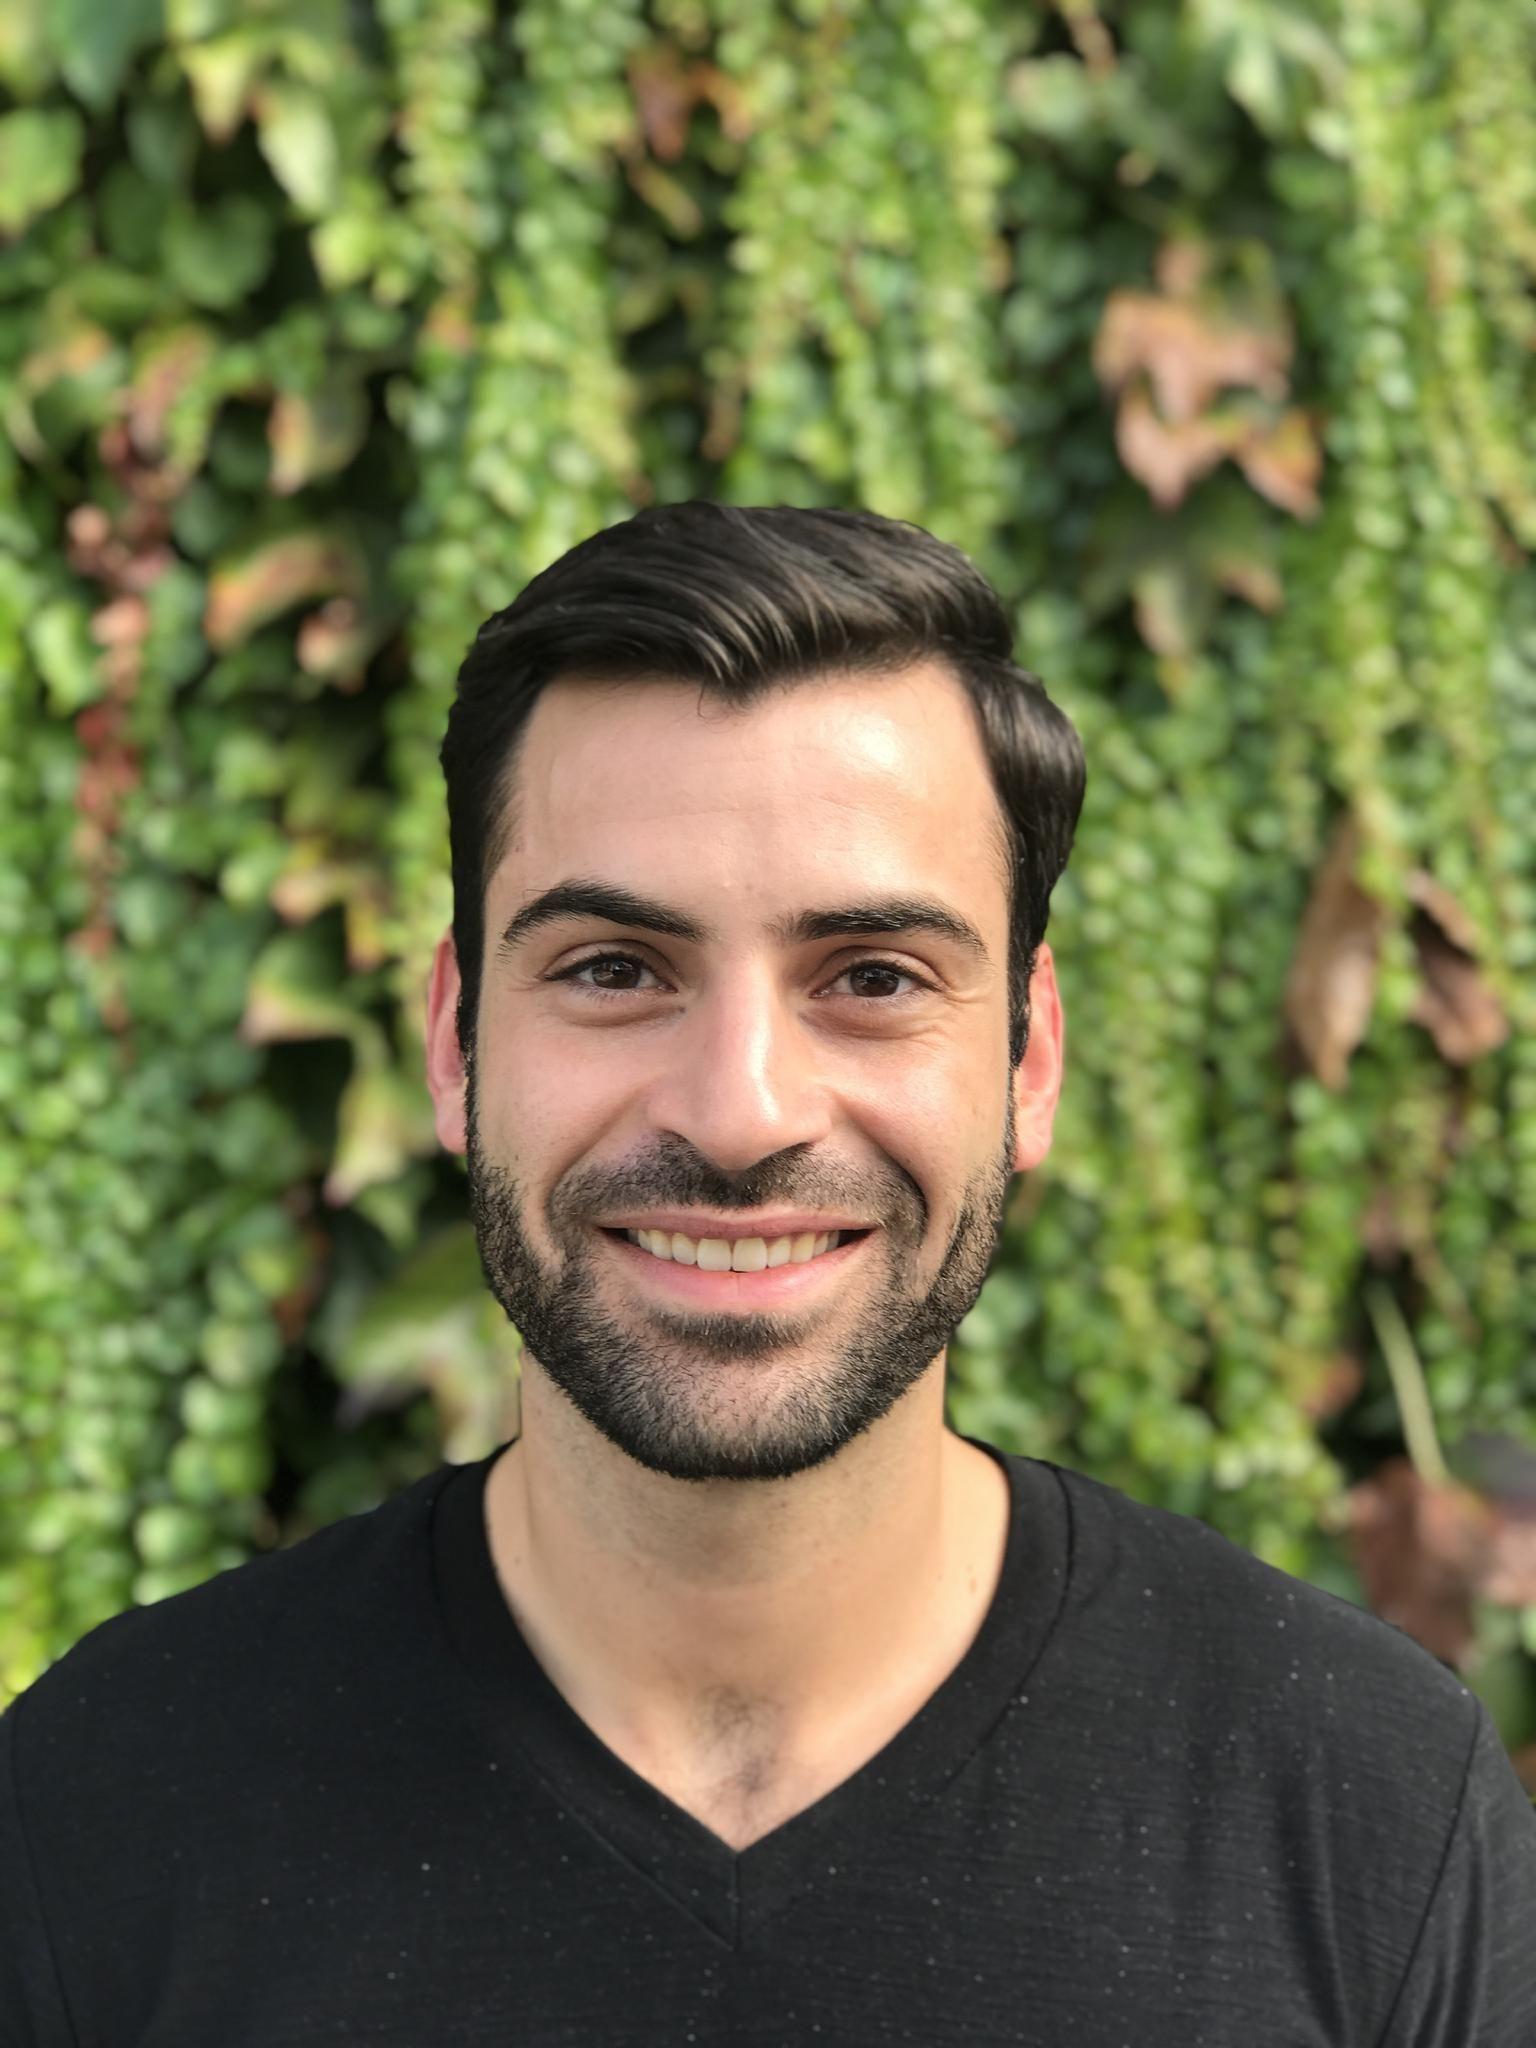 Rami Salman